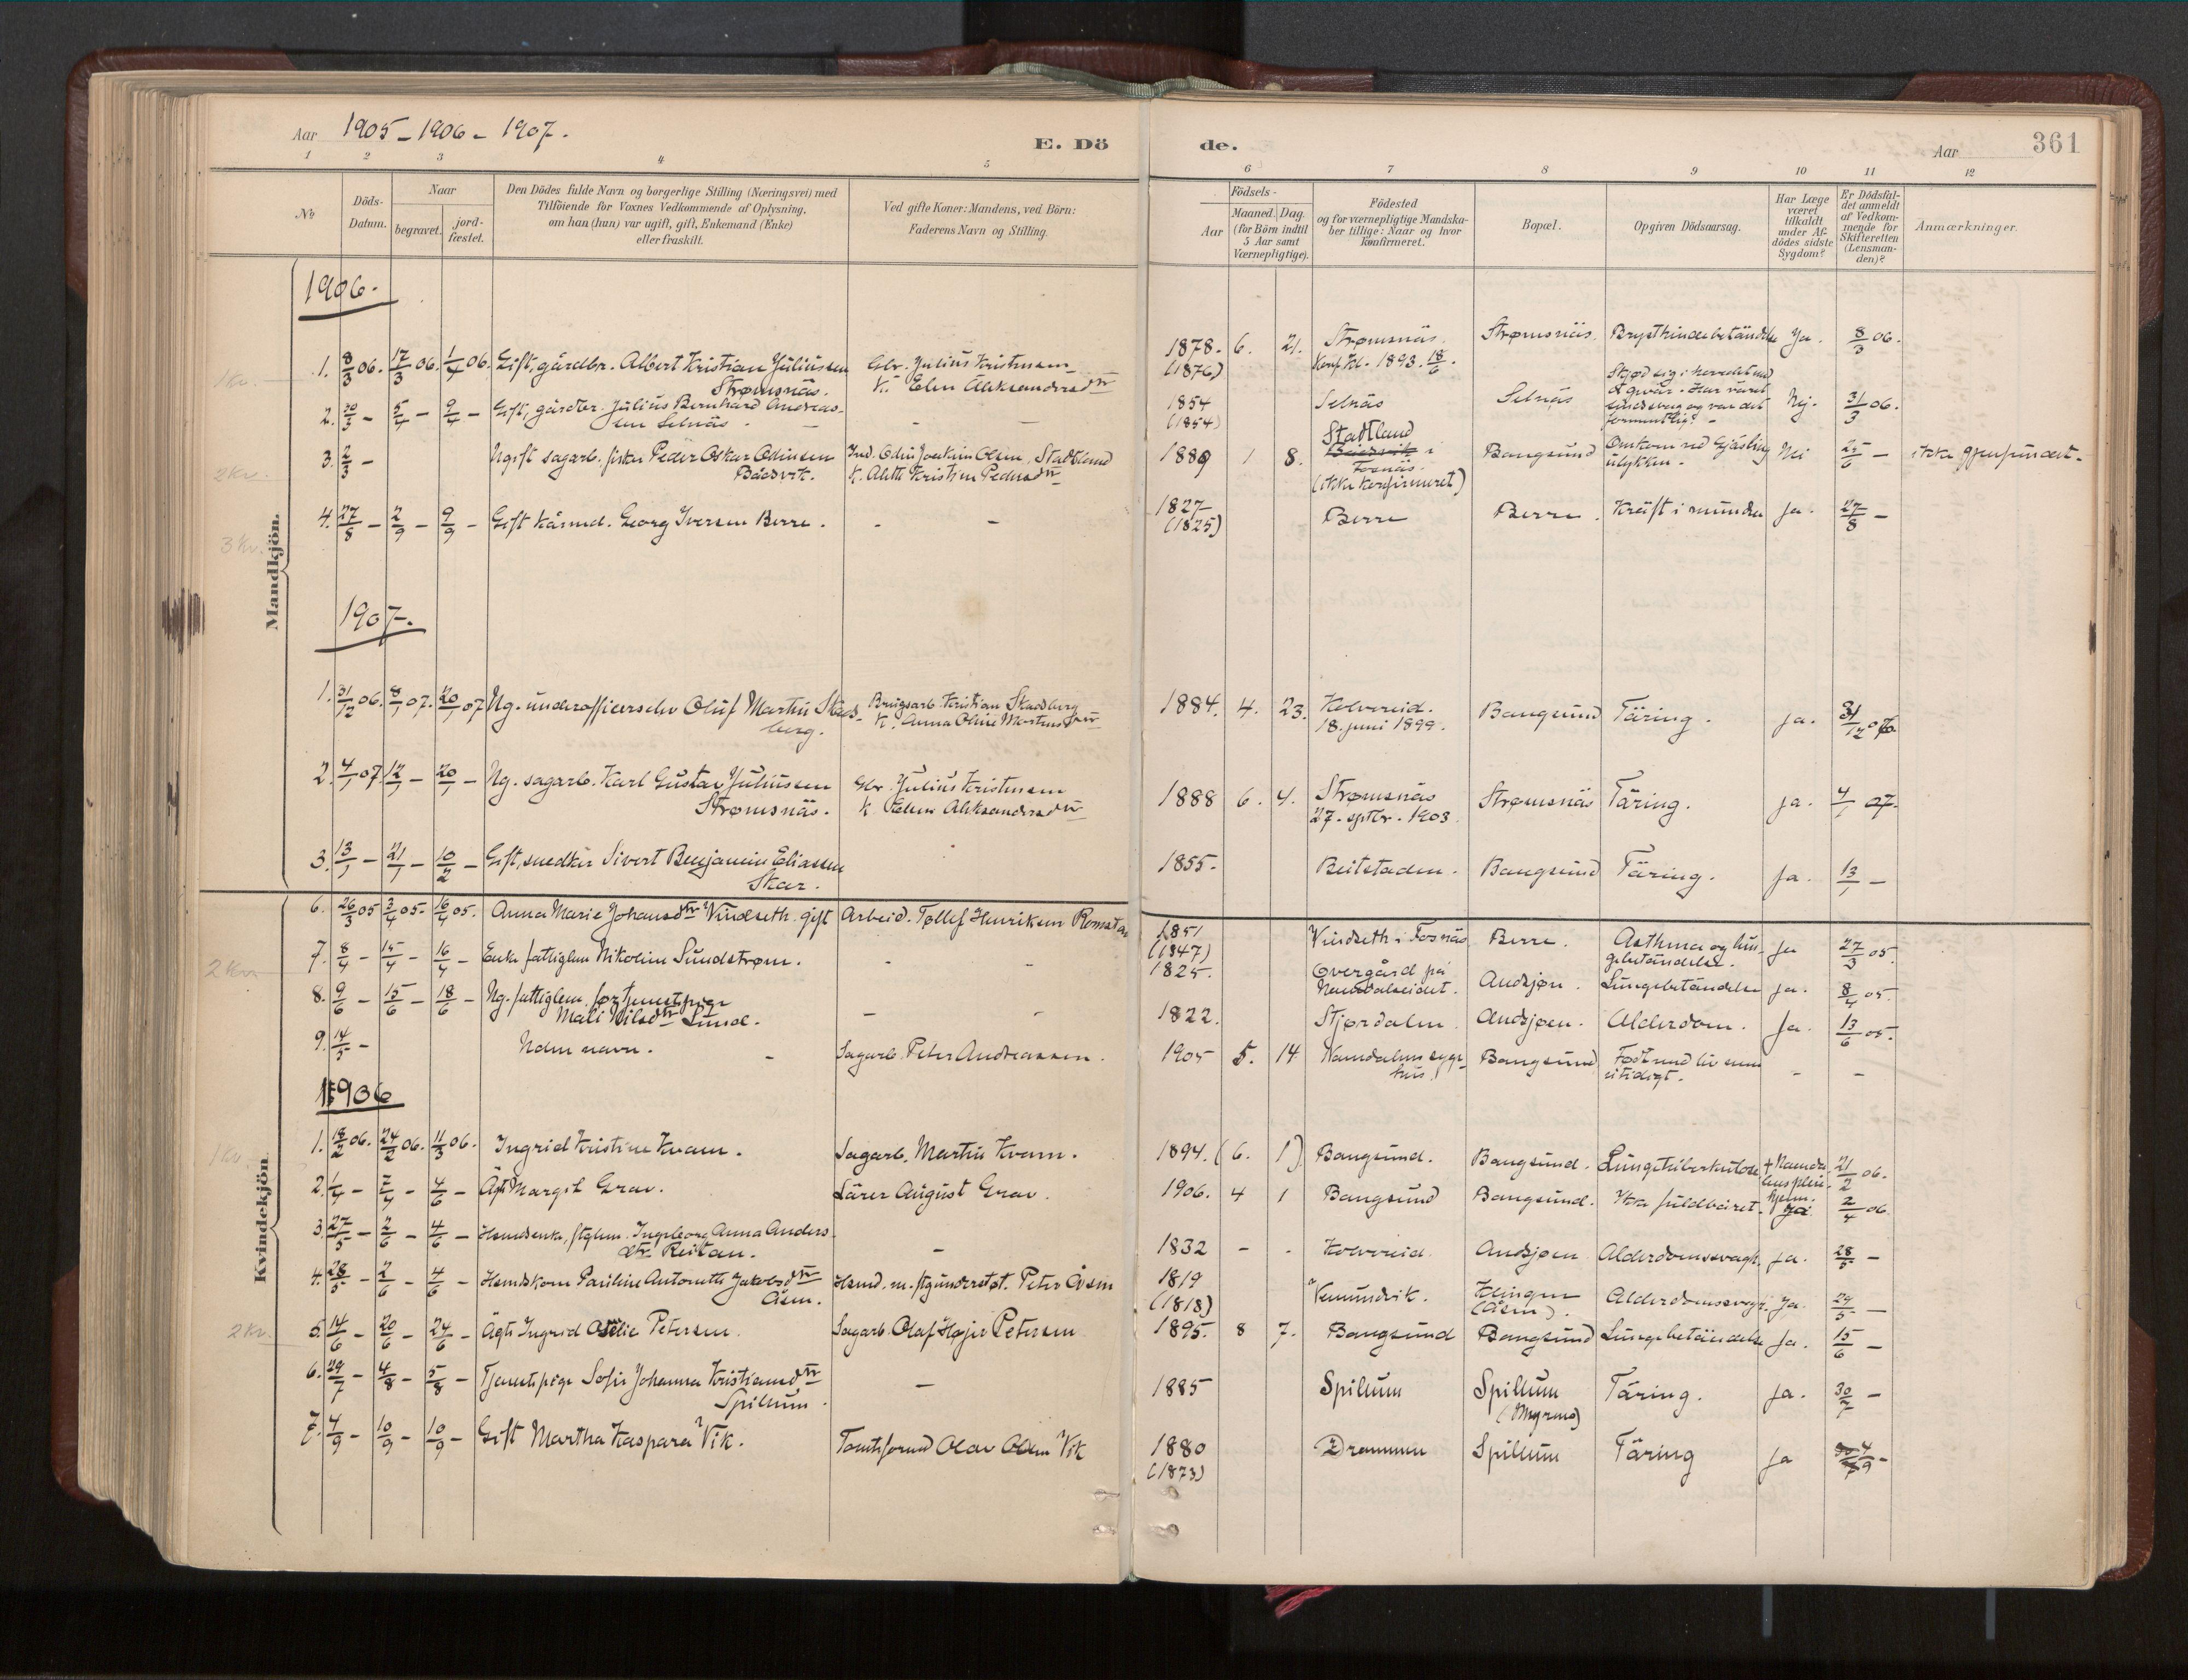 SAT, Ministerialprotokoller, klokkerbøker og fødselsregistre - Nord-Trøndelag, 770/L0589: Ministerialbok nr. 770A03, 1887-1929, s. 361